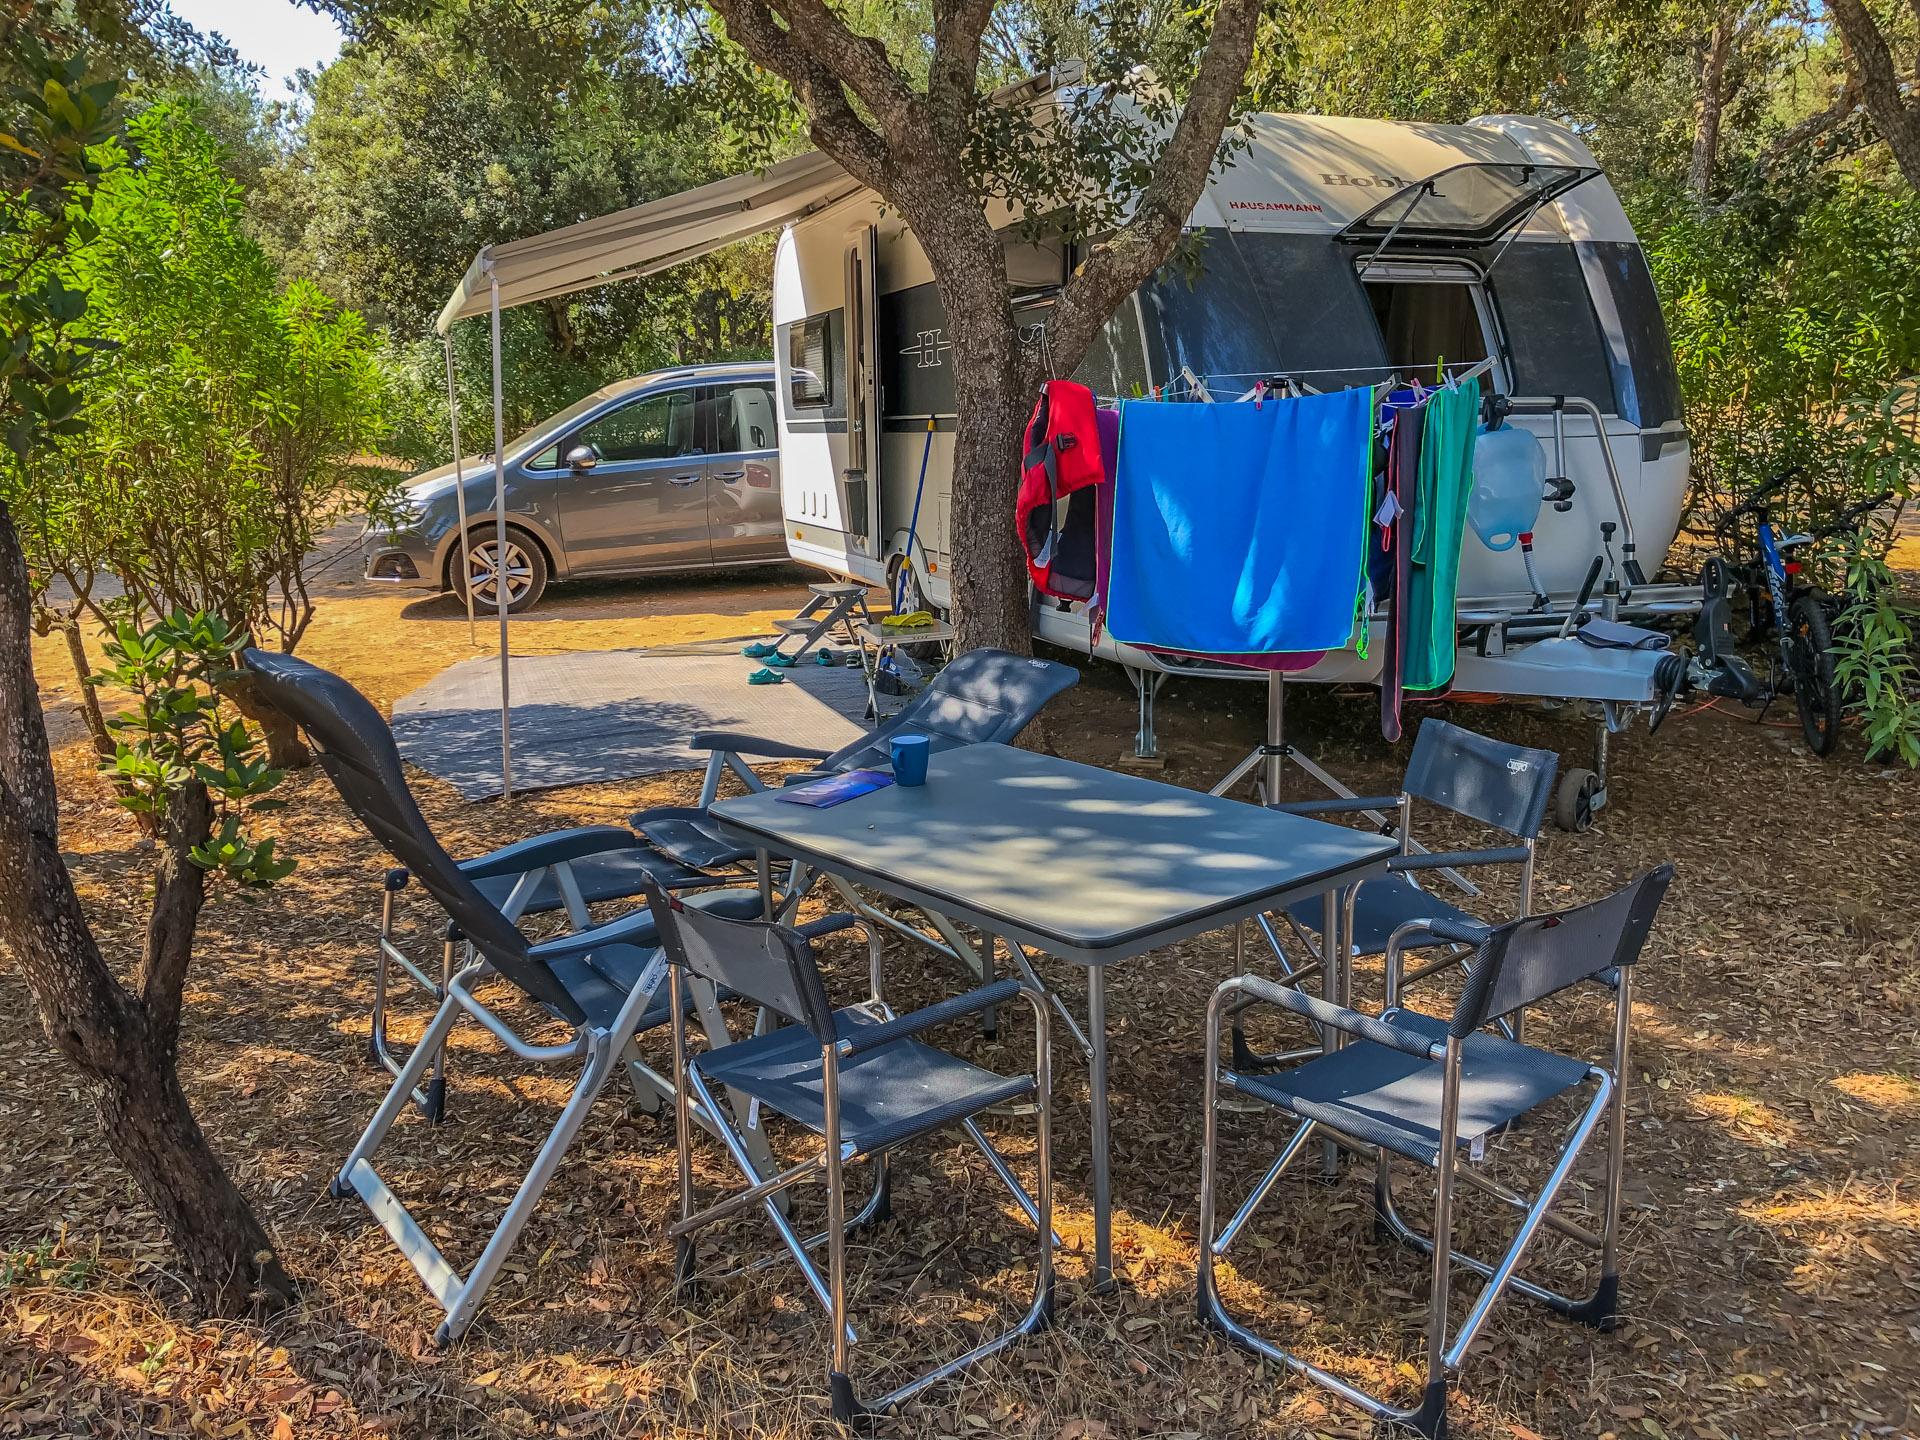 Camping Pertamina U Farniente